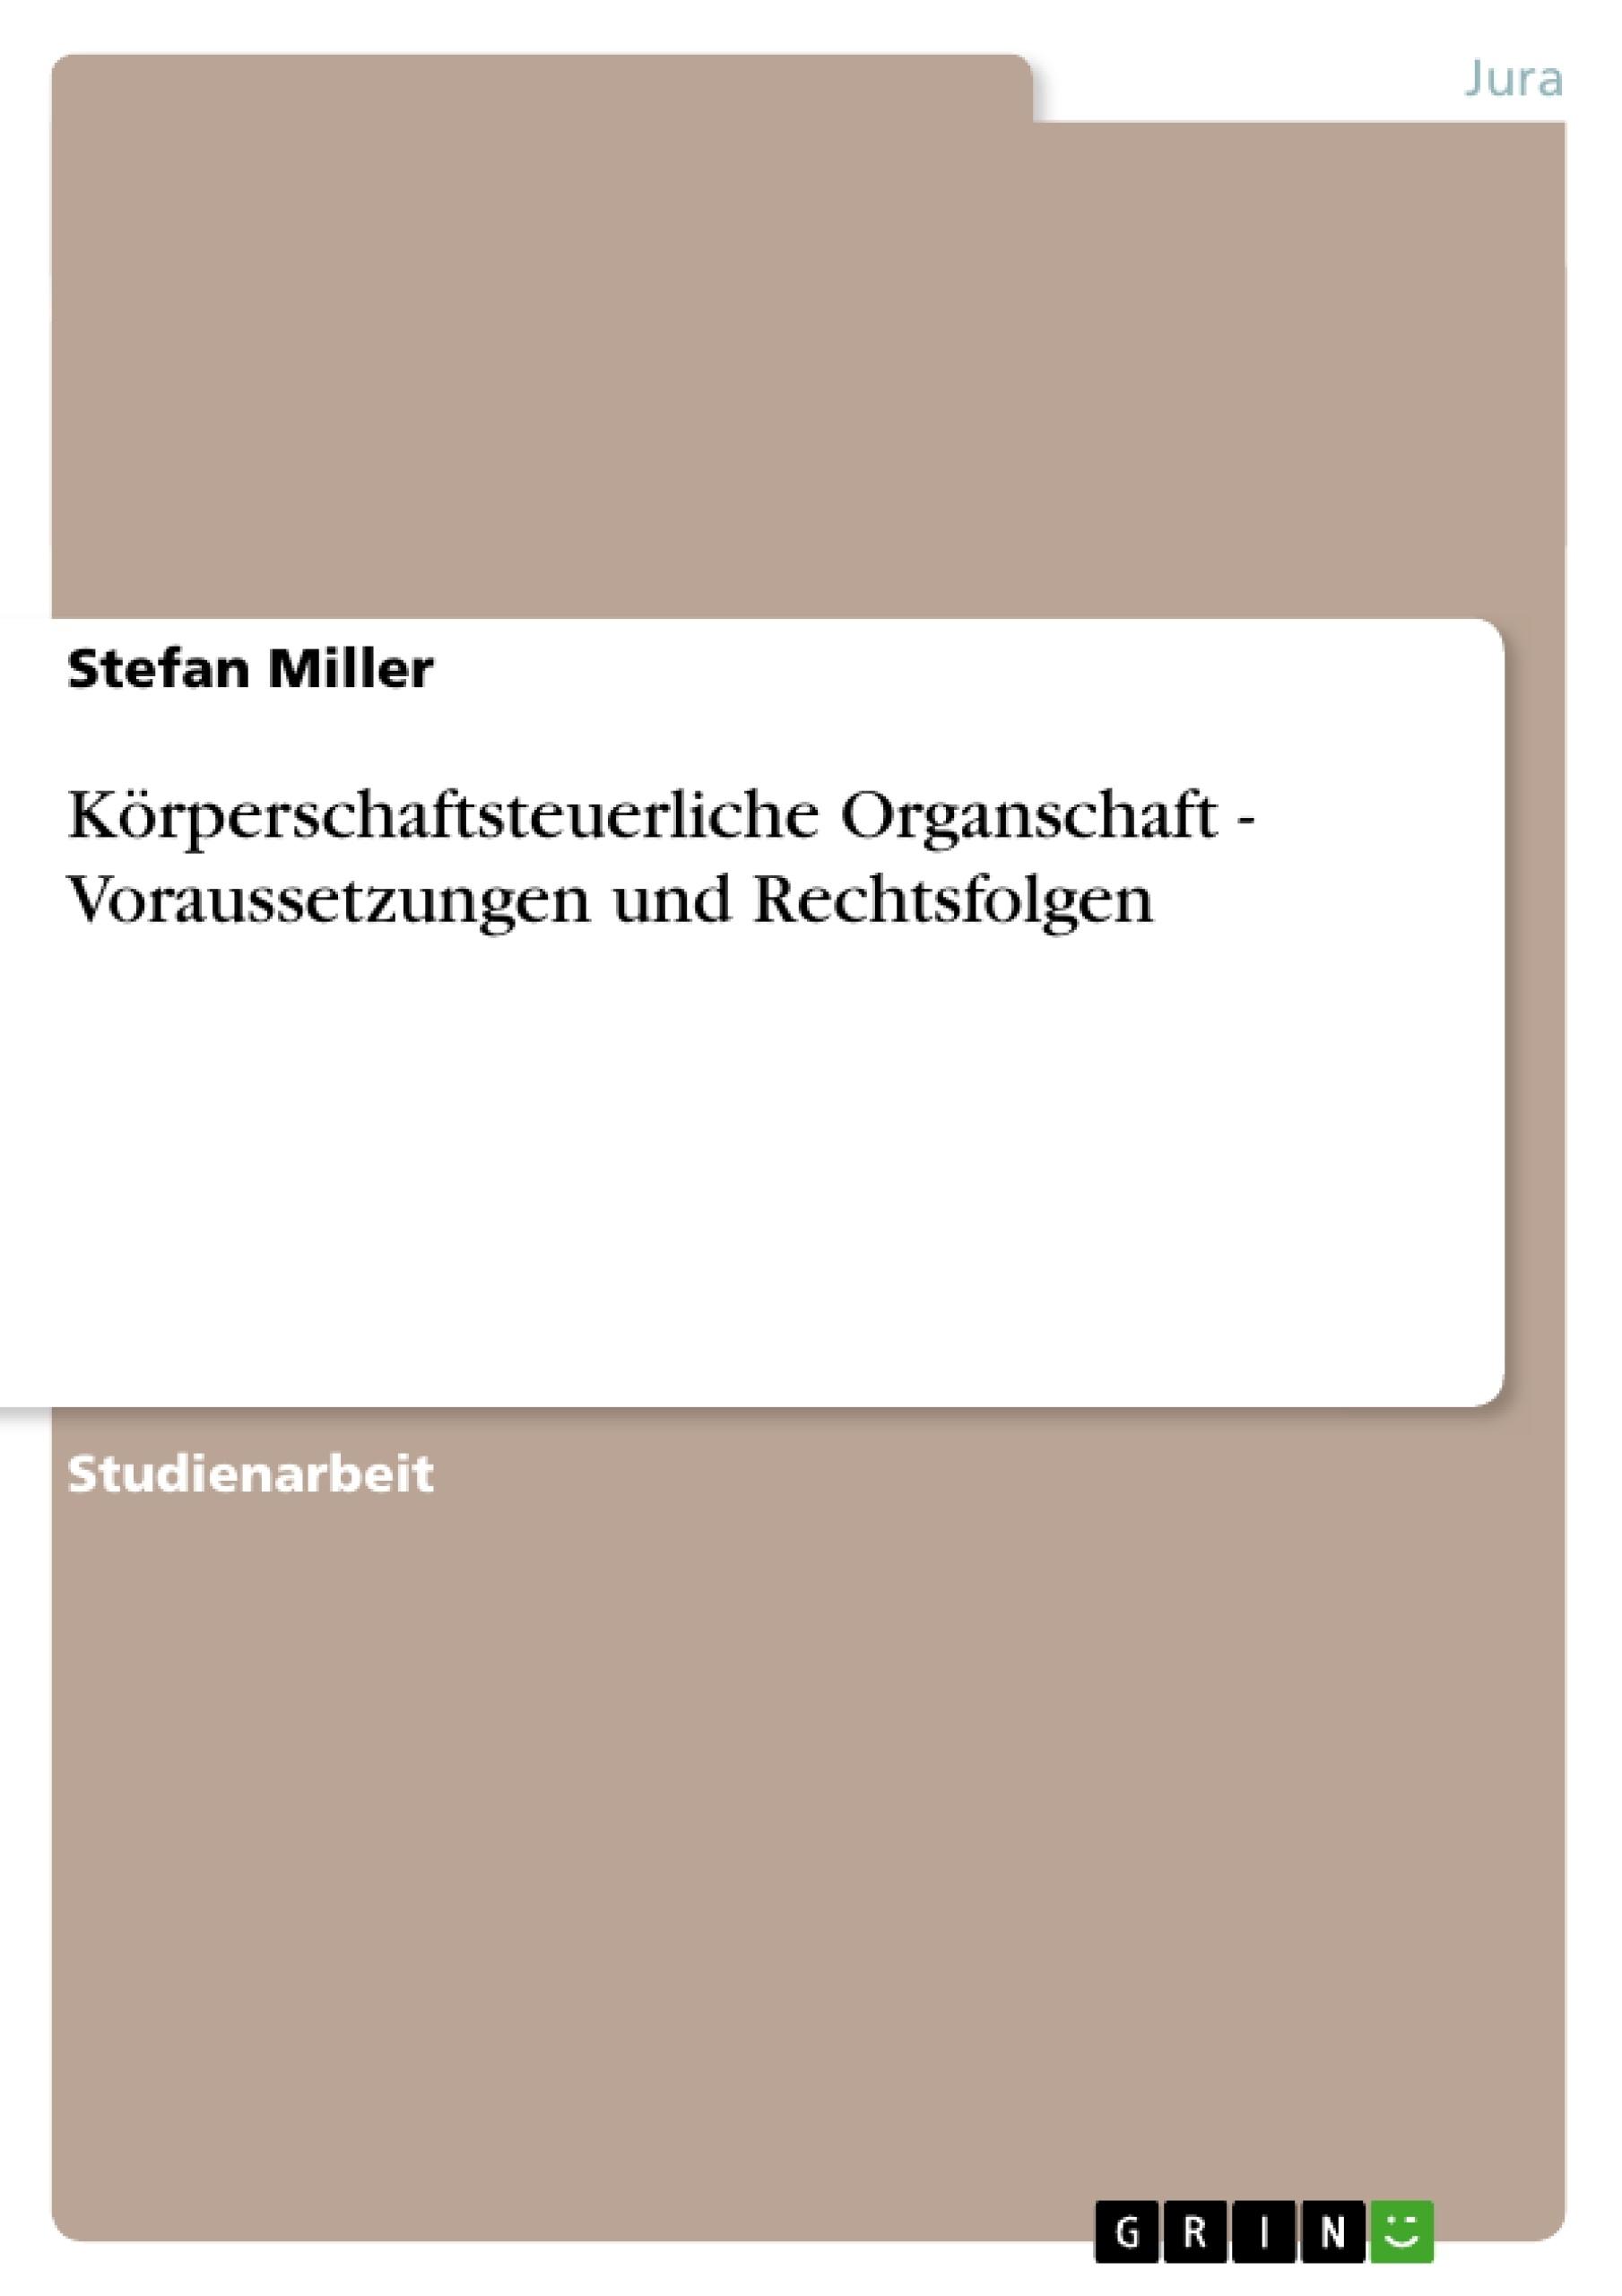 Titel: Körperschaftsteuerliche Organschaft - Voraussetzungen und Rechtsfolgen